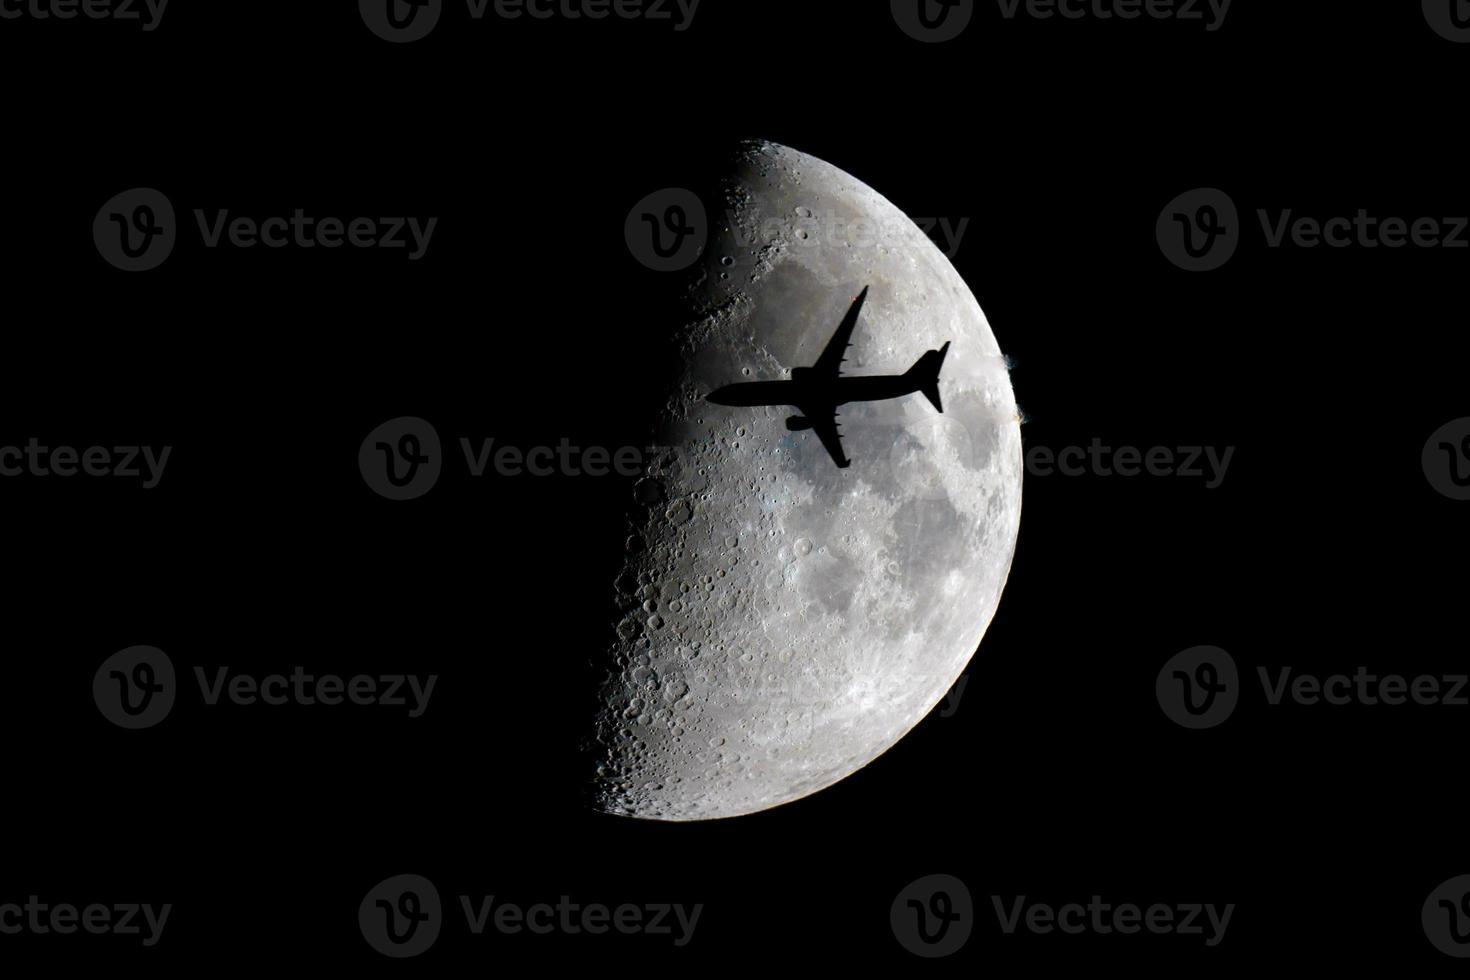 vlieg me naar de maan foto